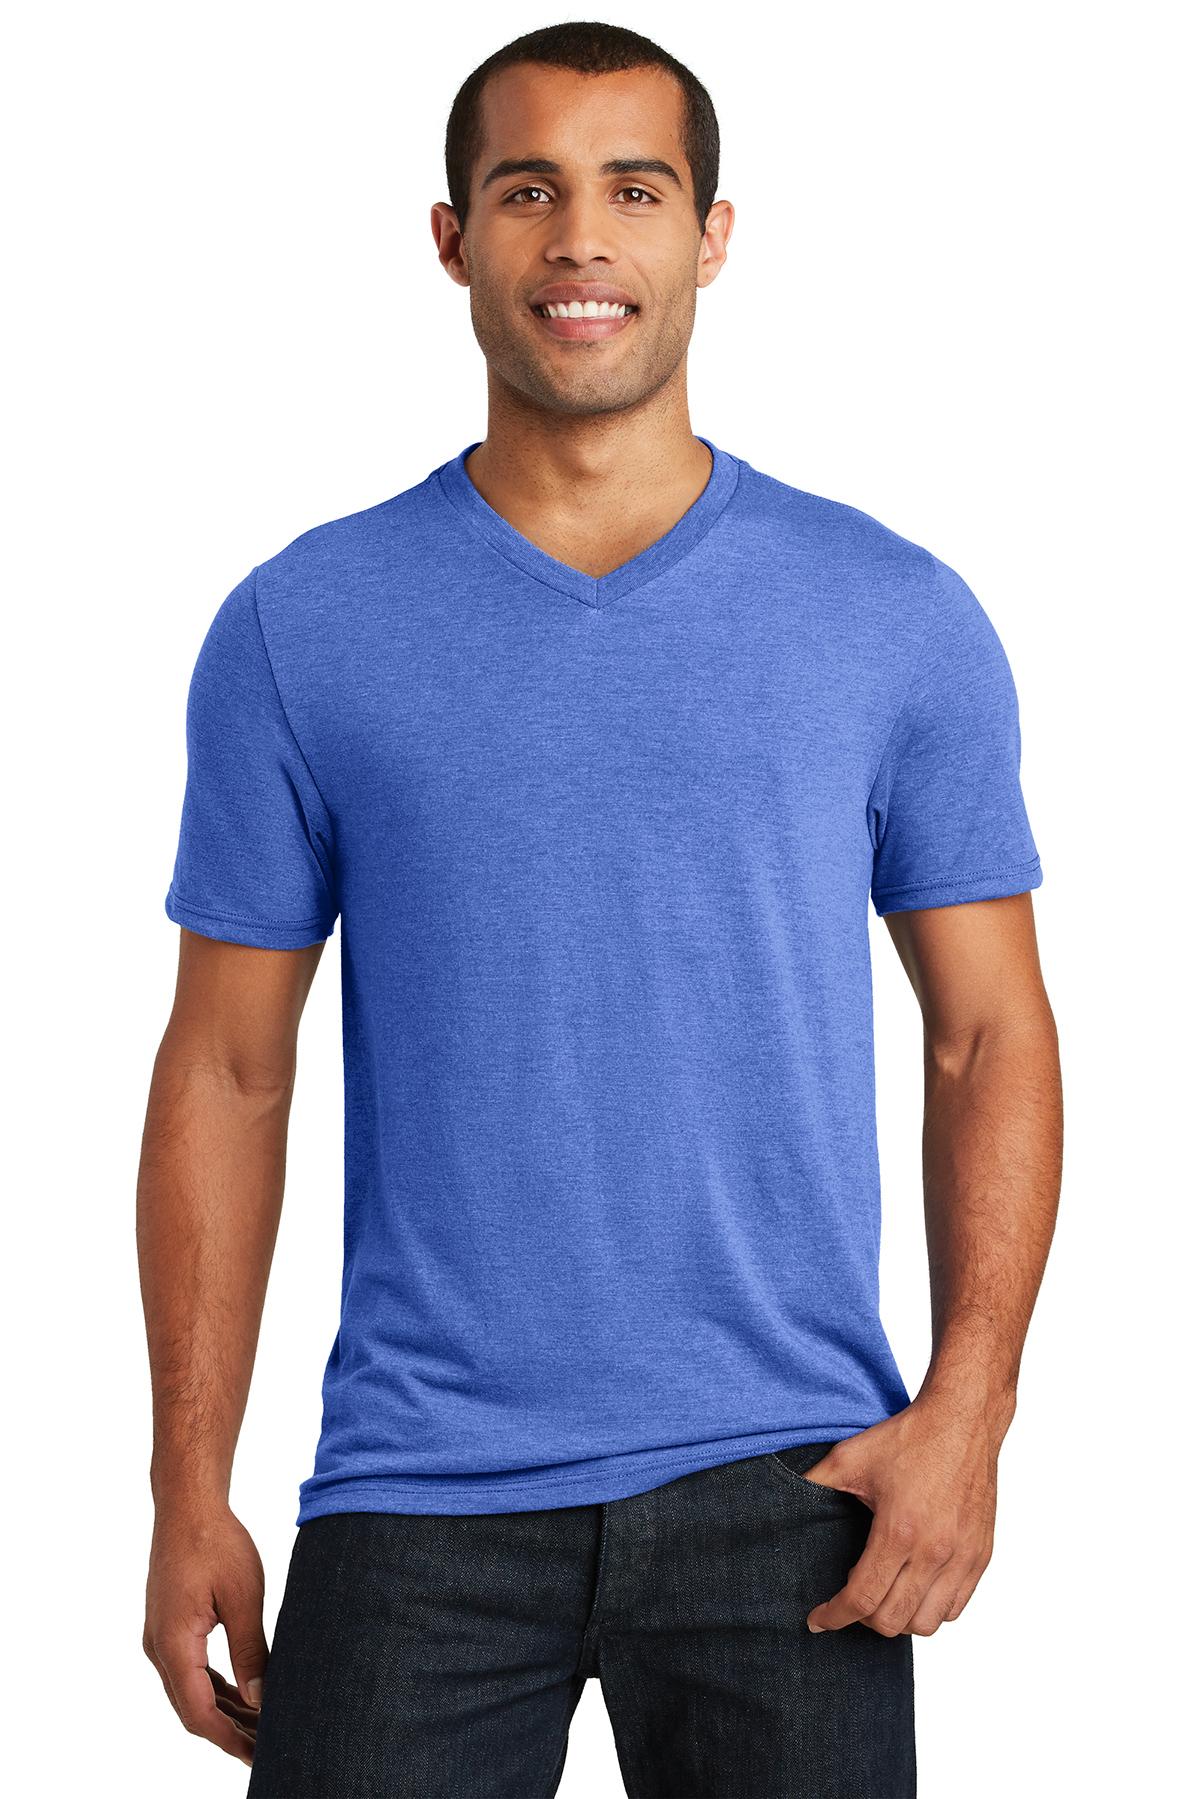 f488a13ae2fe District ® Perfect Tri ® V-Neck Tee | Fashion | T-Shirts | SanMar